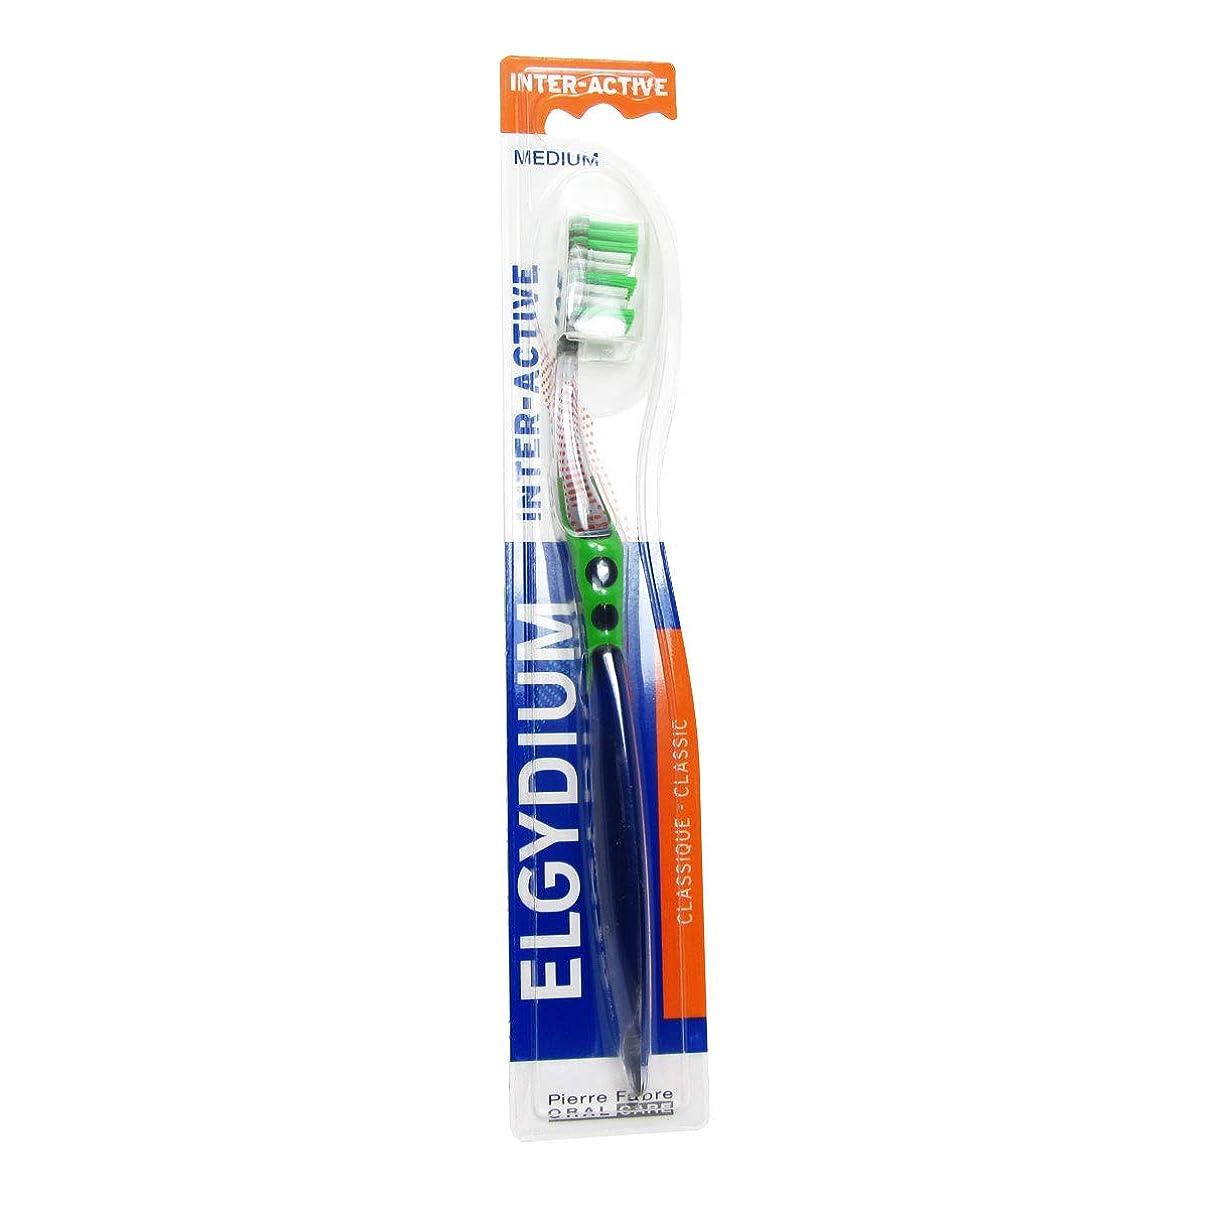 地球パーティー目を覚ますElgydium Inter-active Medium Toothbrush [並行輸入品]